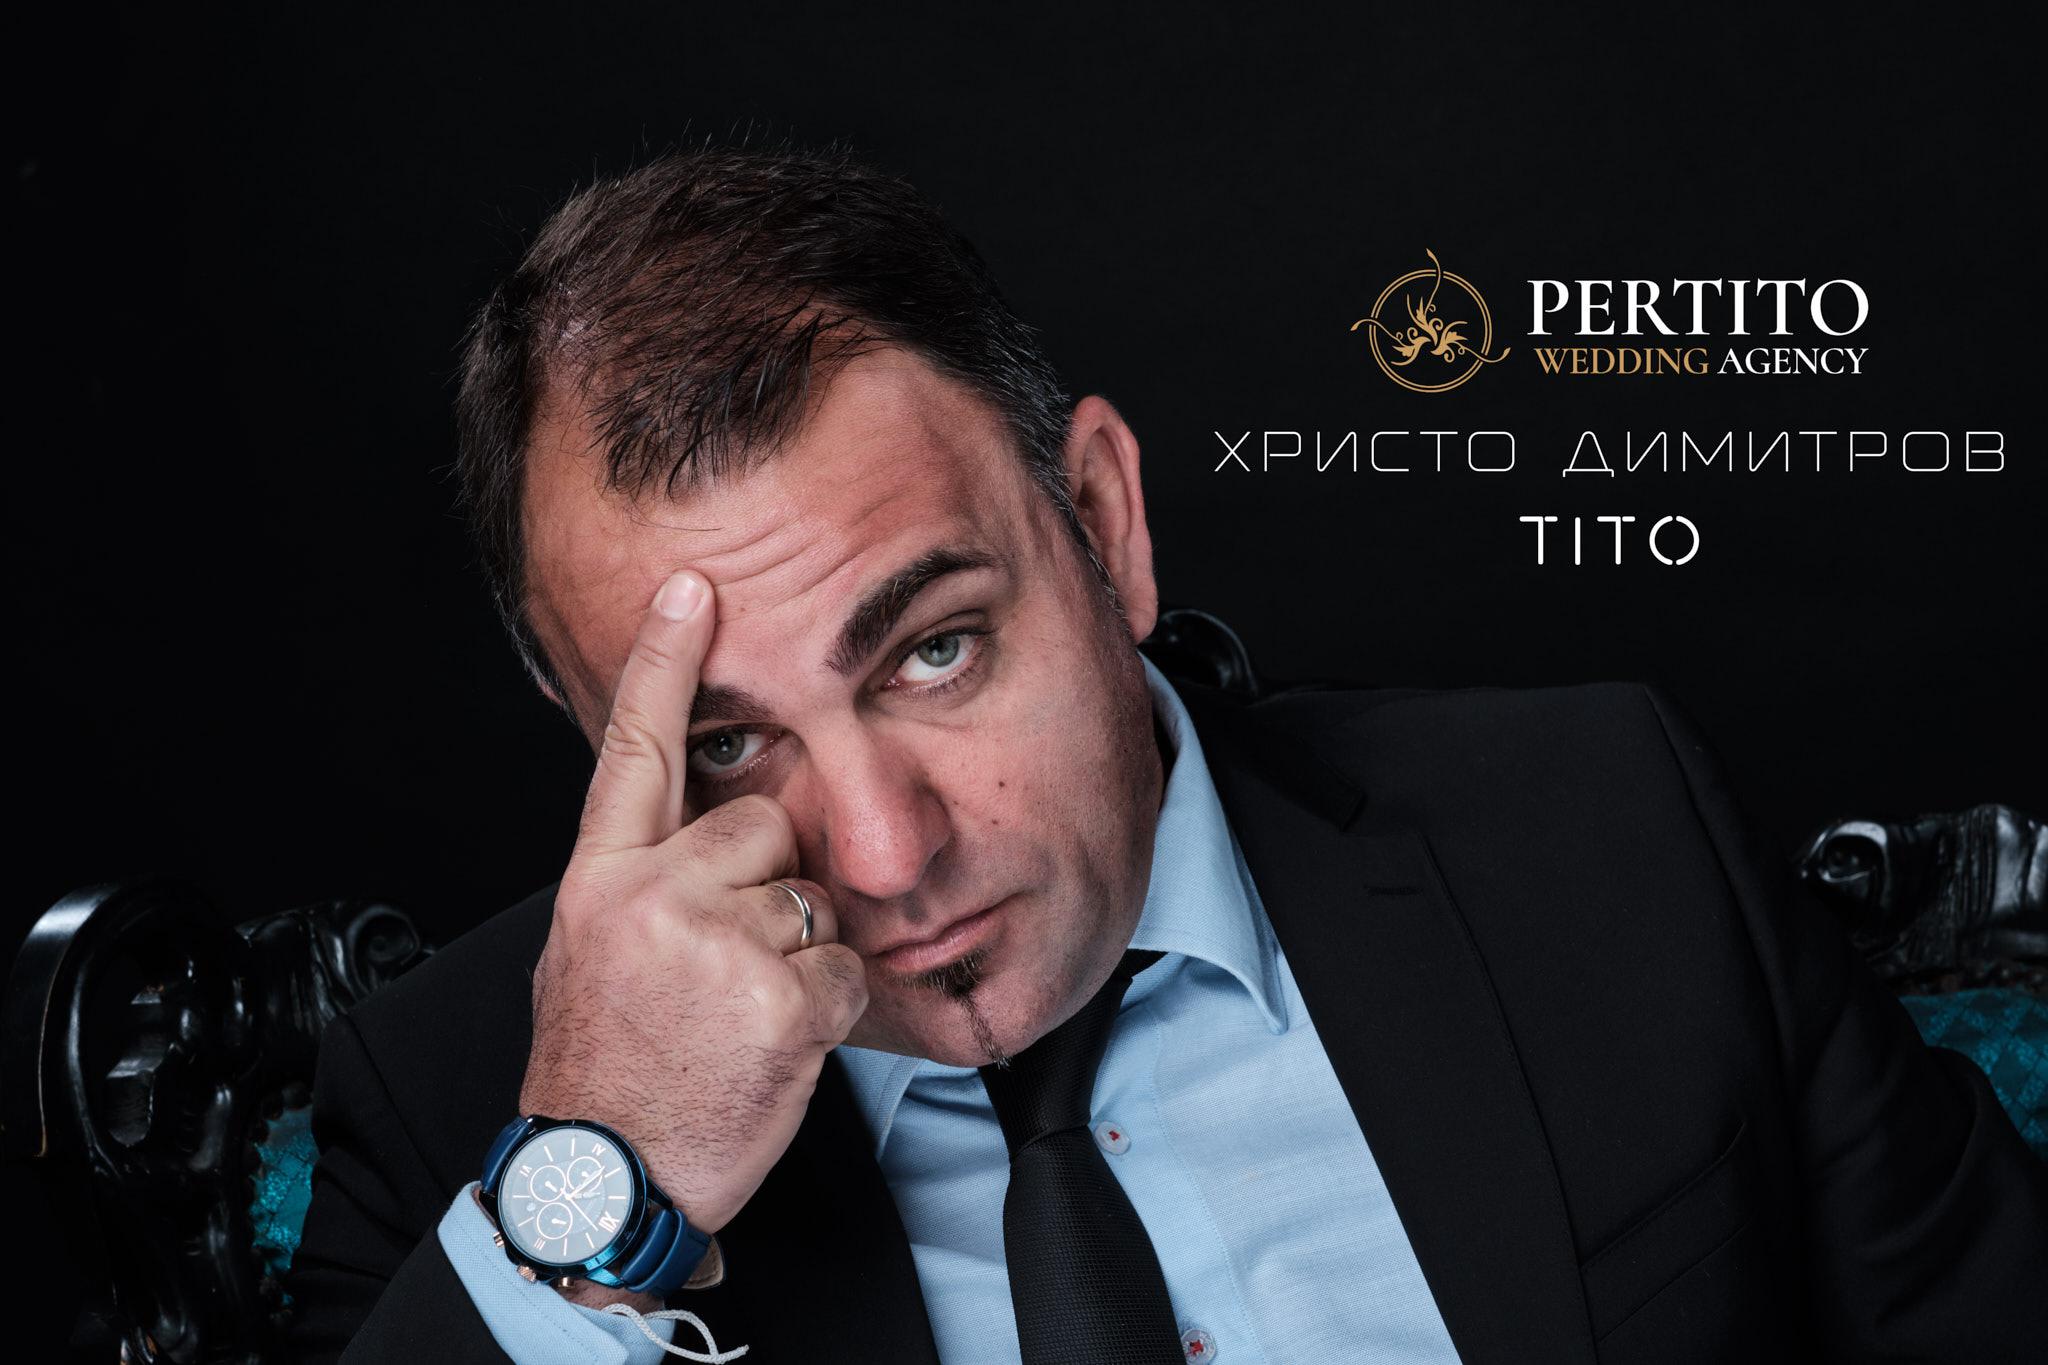 Hristo Dimitrov - Tito - Пертито